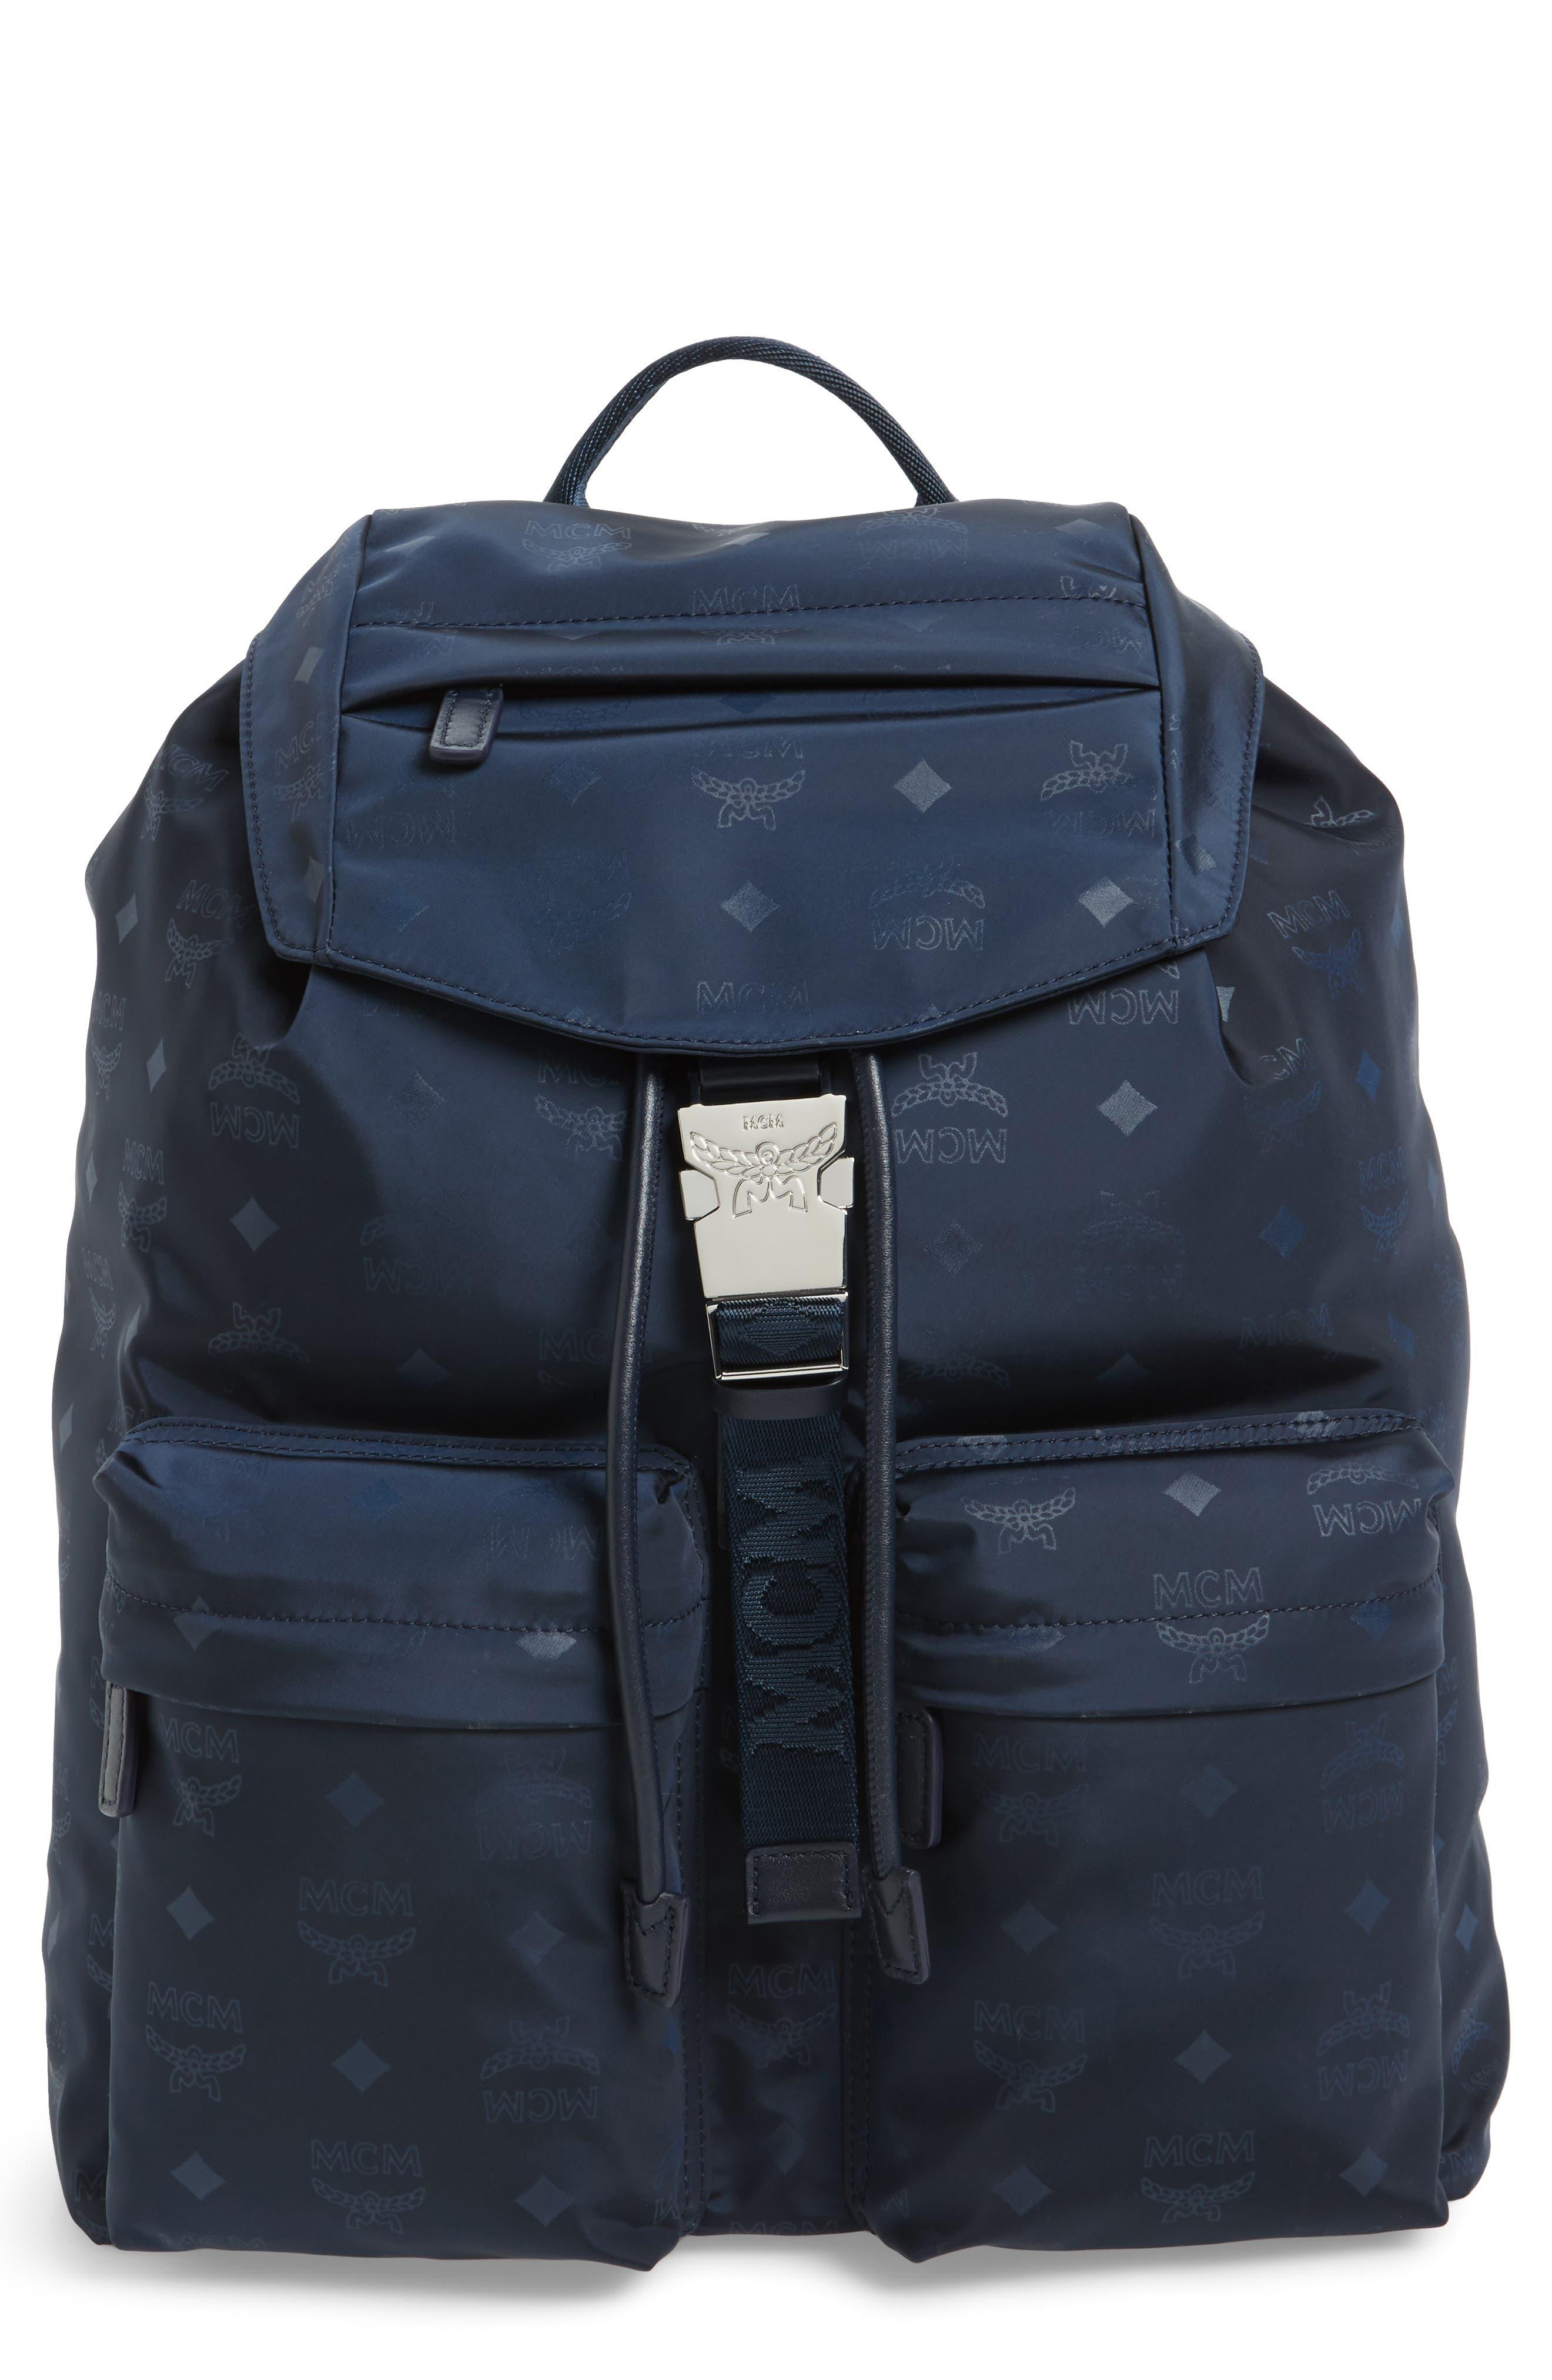 MCM Monogrammed Nylon Backpack